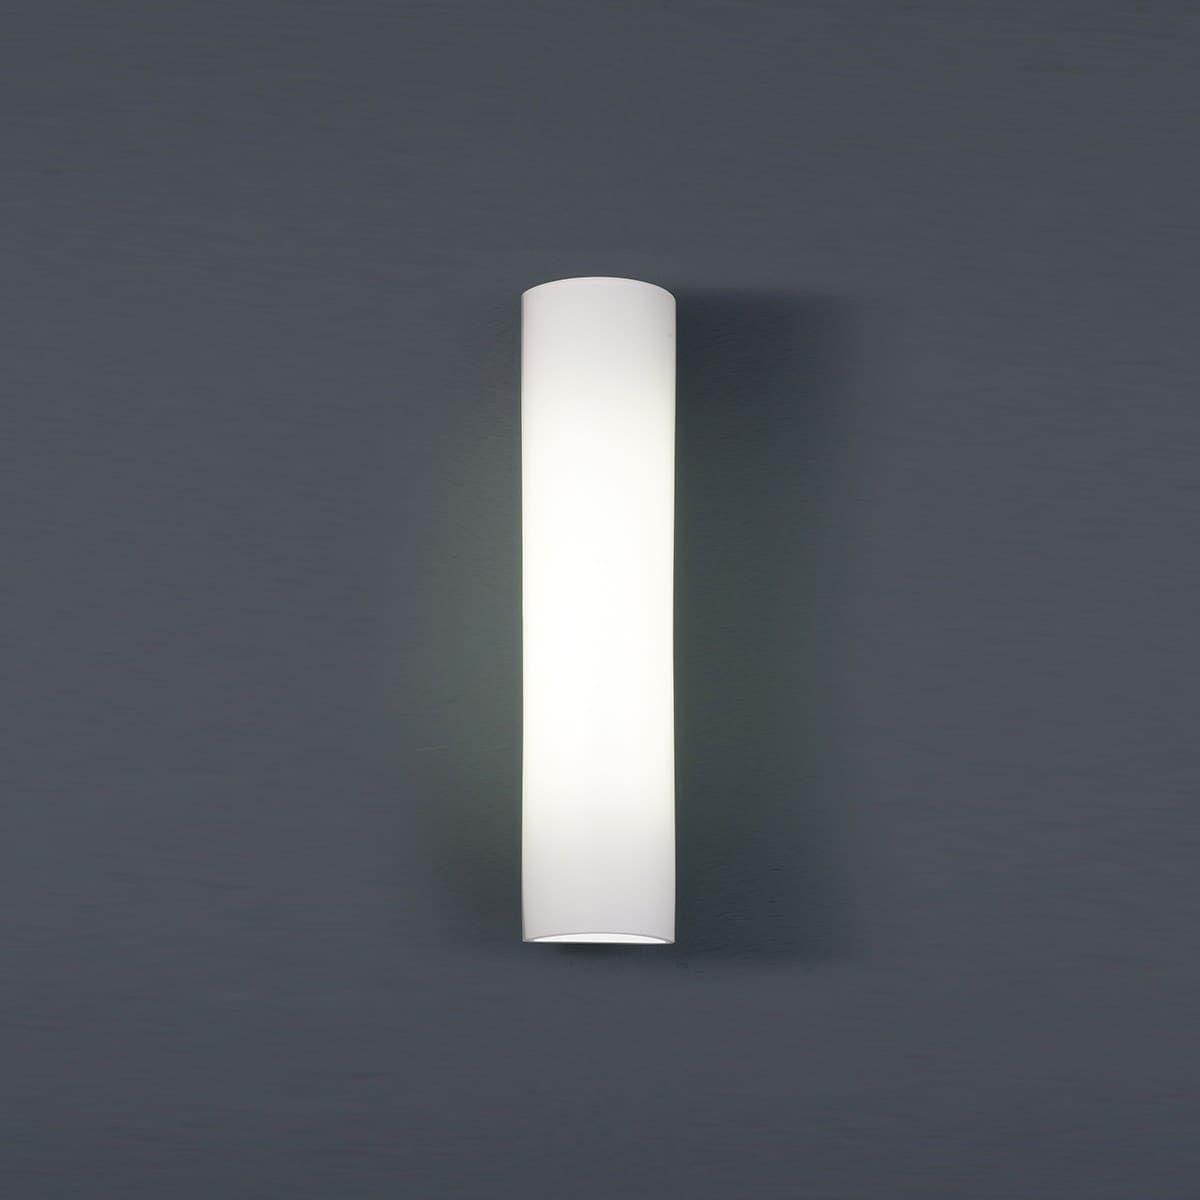 Bankamp Piave Wandleuchte Hohe 40 Cm Opalweiss Wandbeleuchtung Wandleuchte Led Einbaustrahler